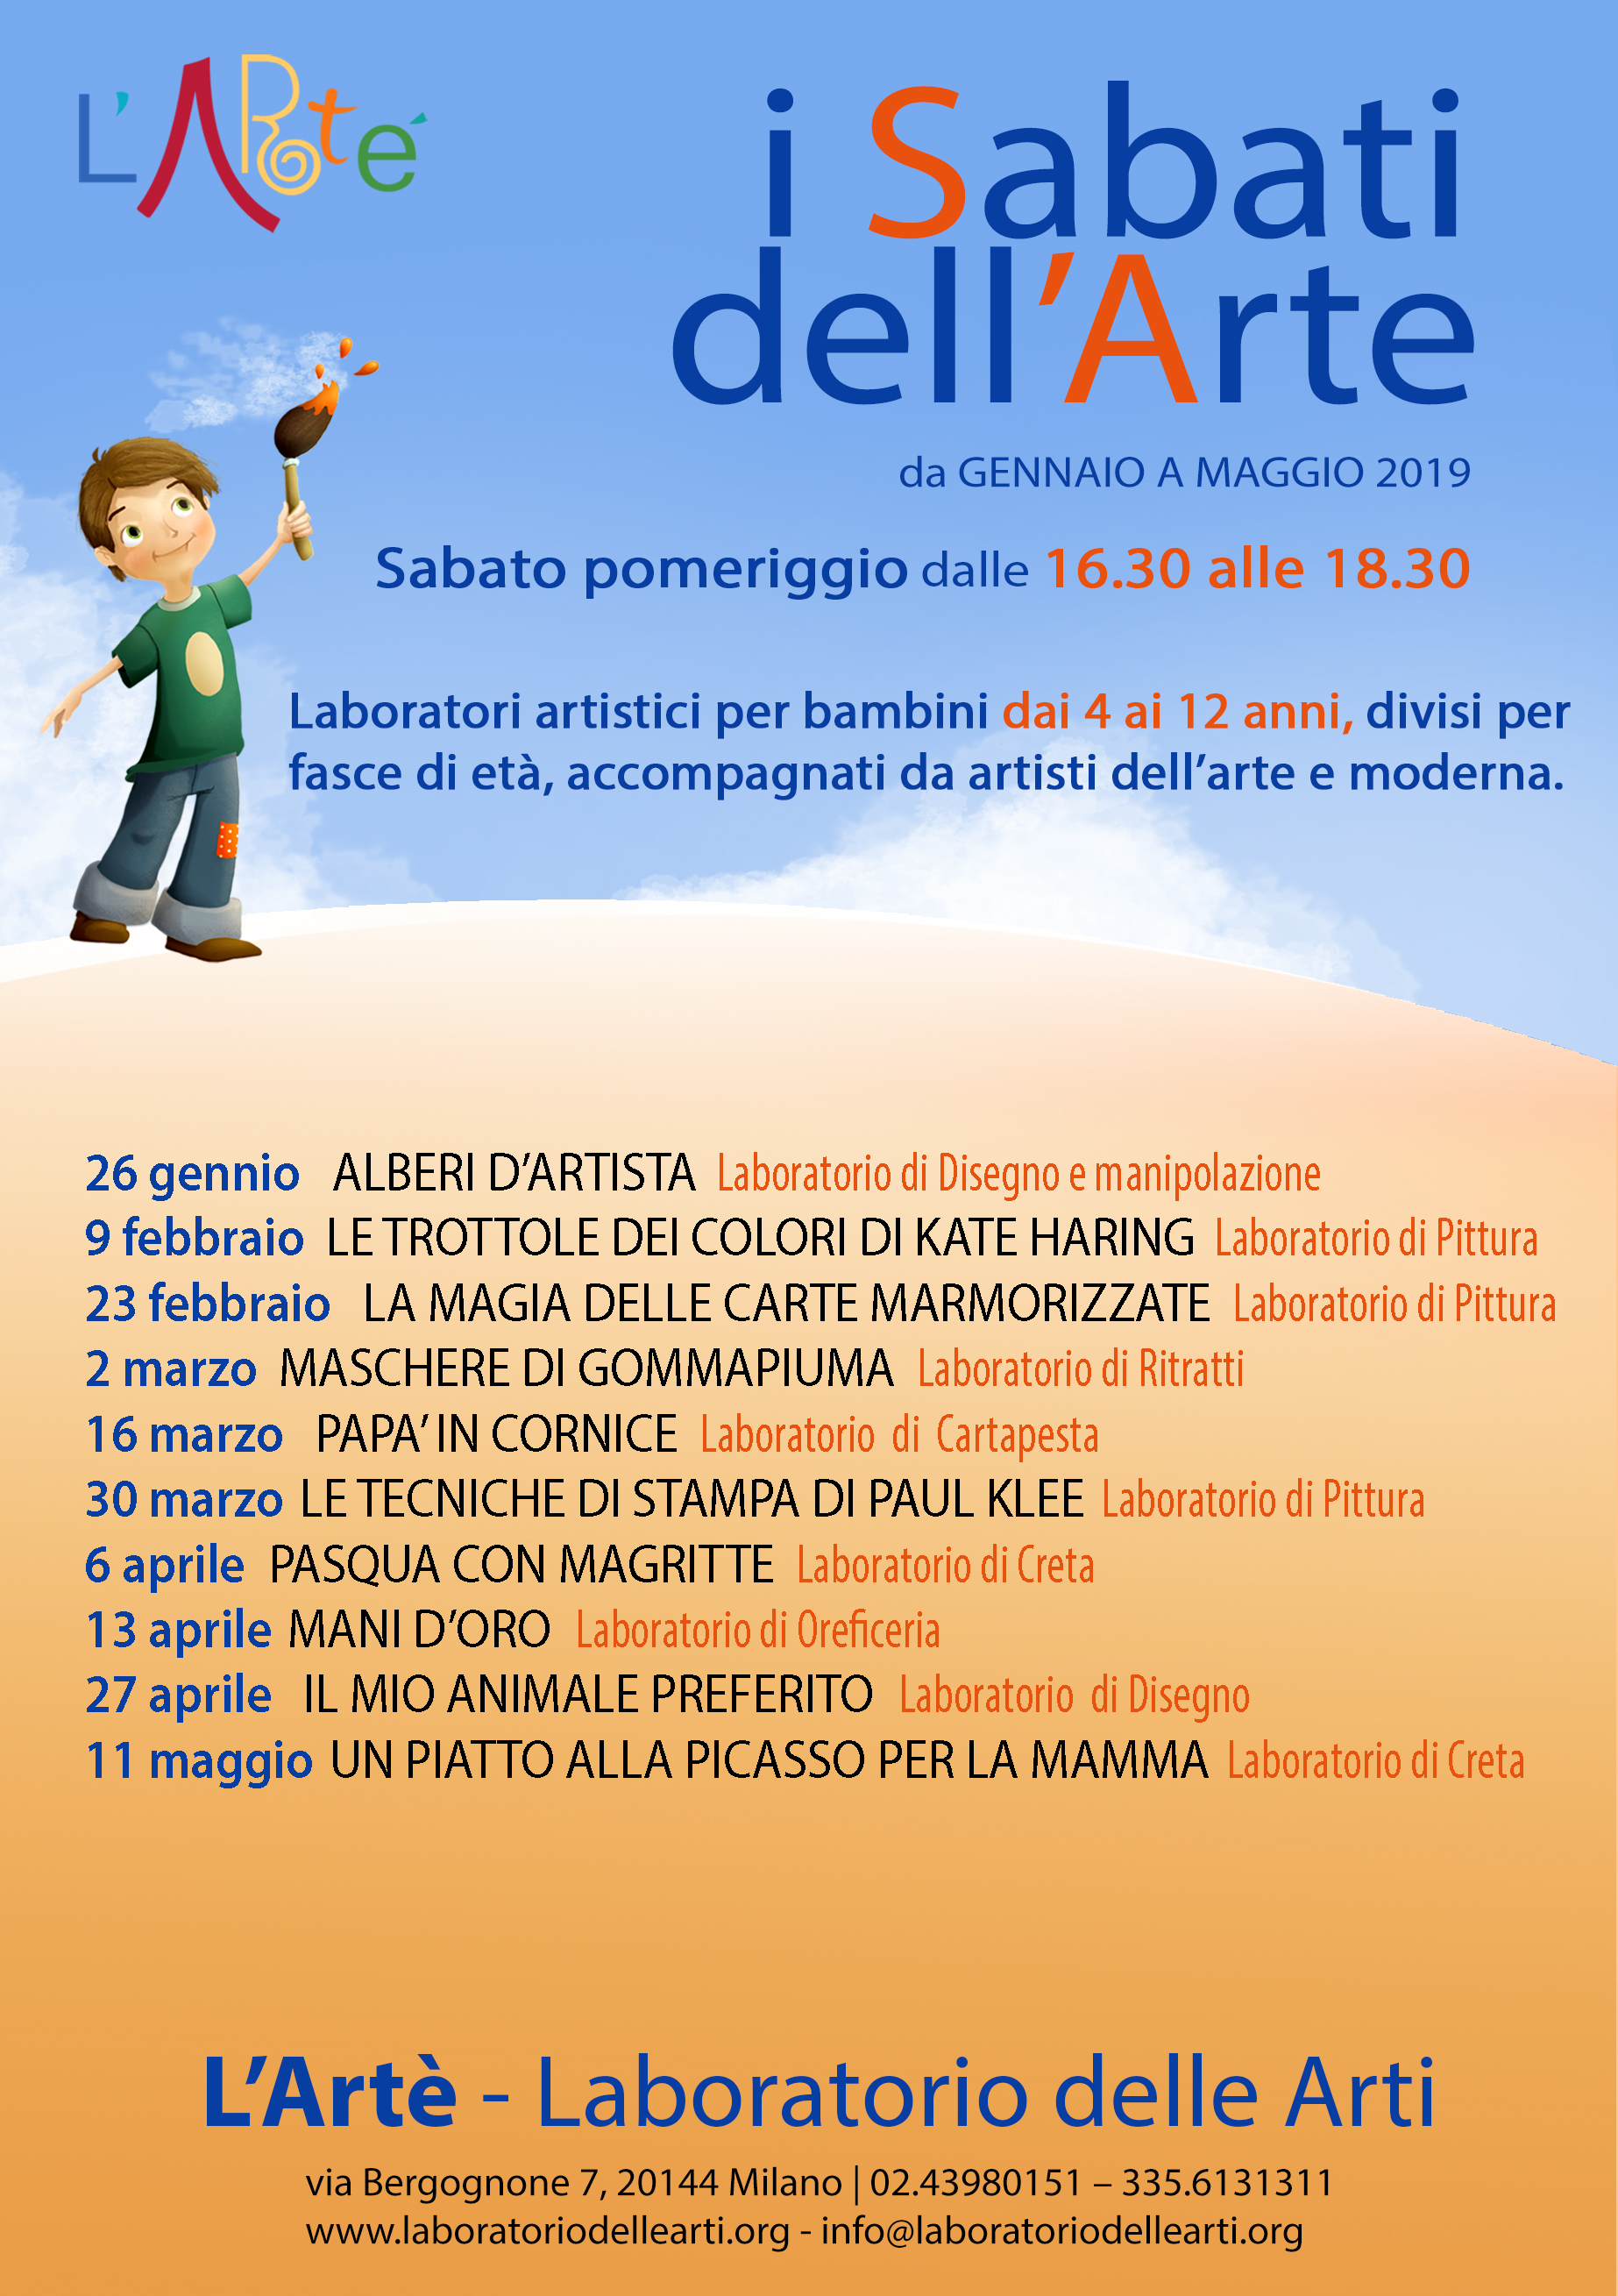 Sabati Dell'Arte – Da Gennaio A Maggio 2019